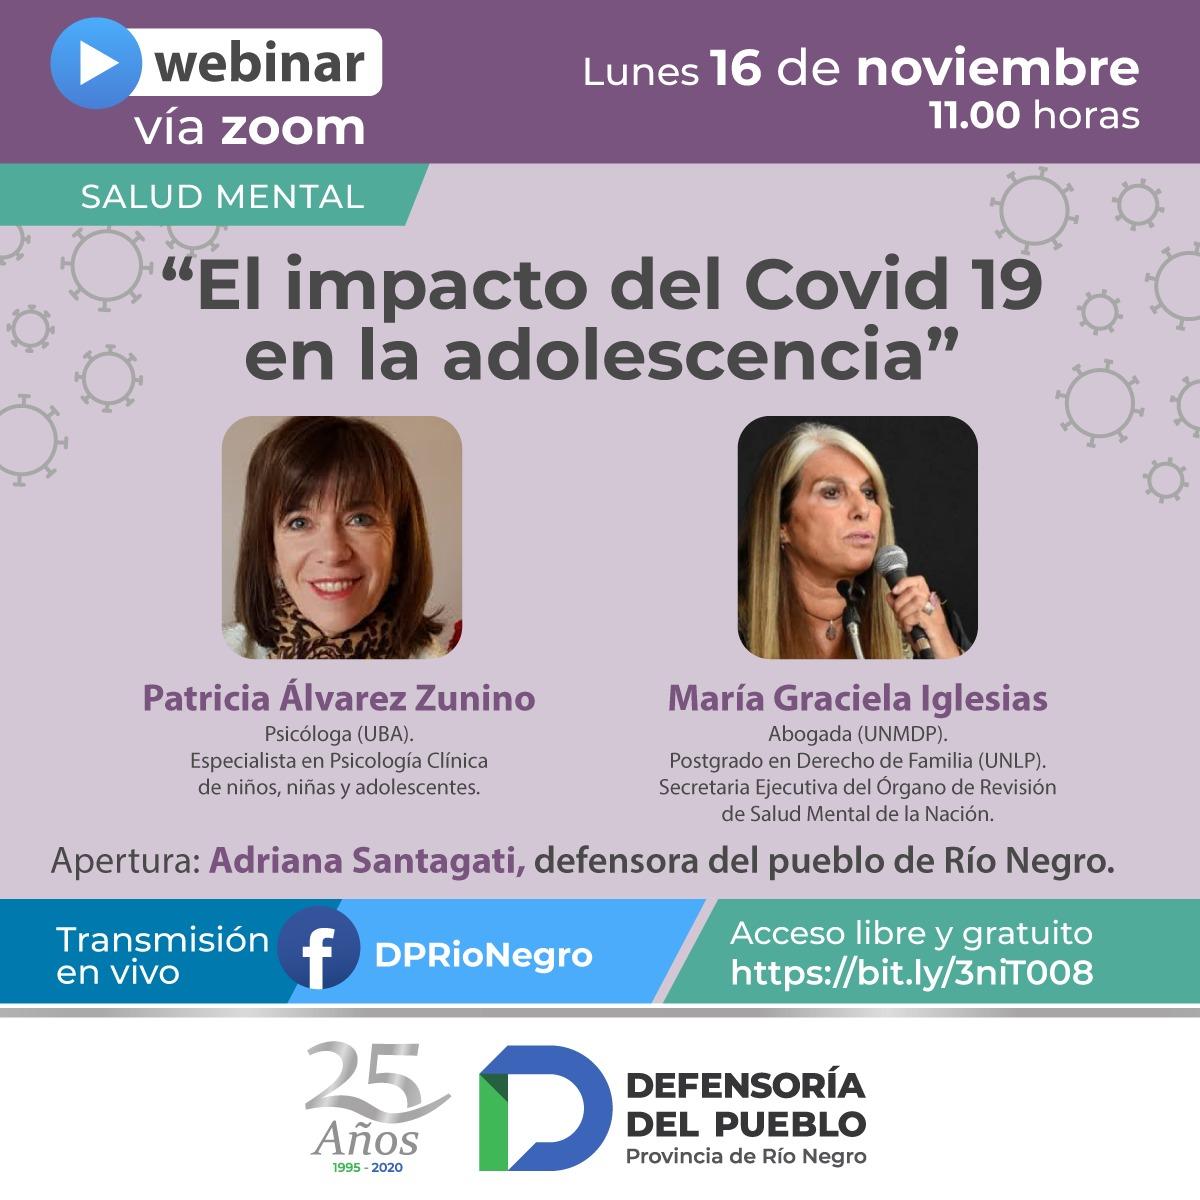 WEBINAR: «El impacto del Covid 19 en la adolescencia». Lunes 16 de noviembre a las 11:00 por Zoom y Facebook live.